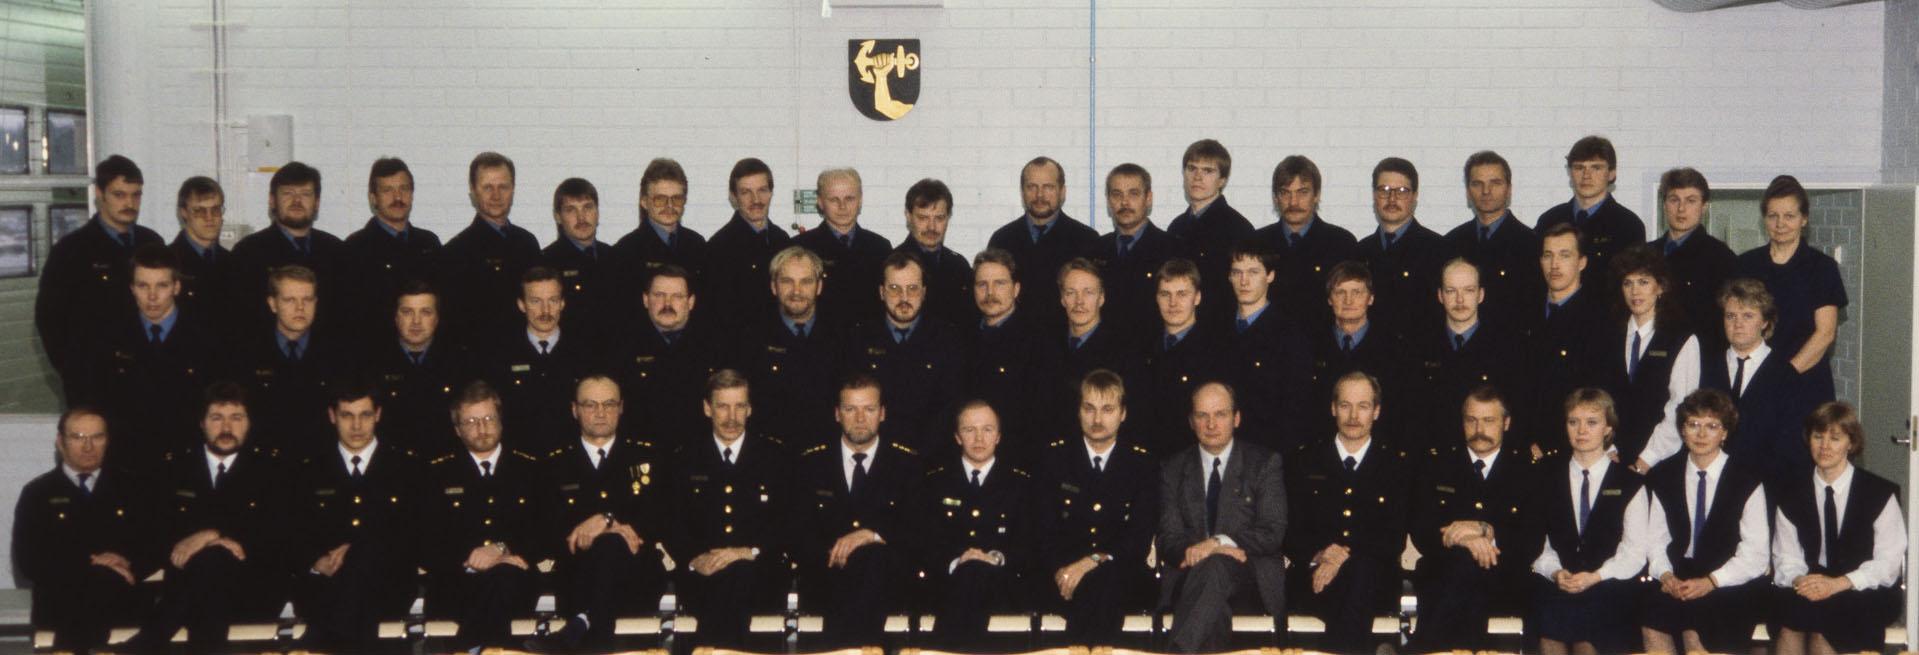 Palopäällikkö Palkka